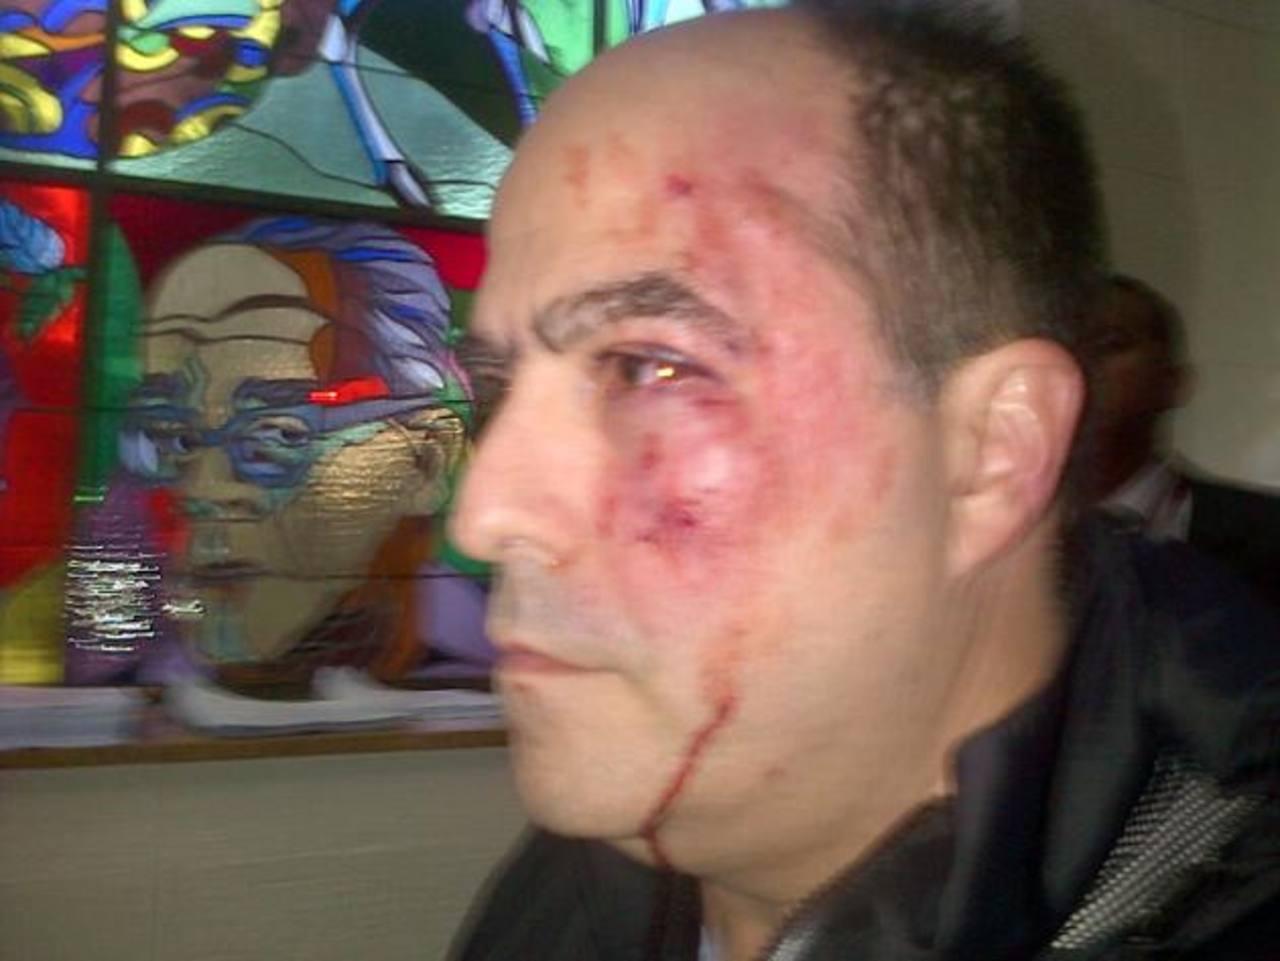 A la izquierda, la diputada opositora María Corina Machado quien fue agredida ayer. A la derecha, el también diputado opositor Julio Borges, quien resultó severamente golpeado en el rostro. foto edh / efe